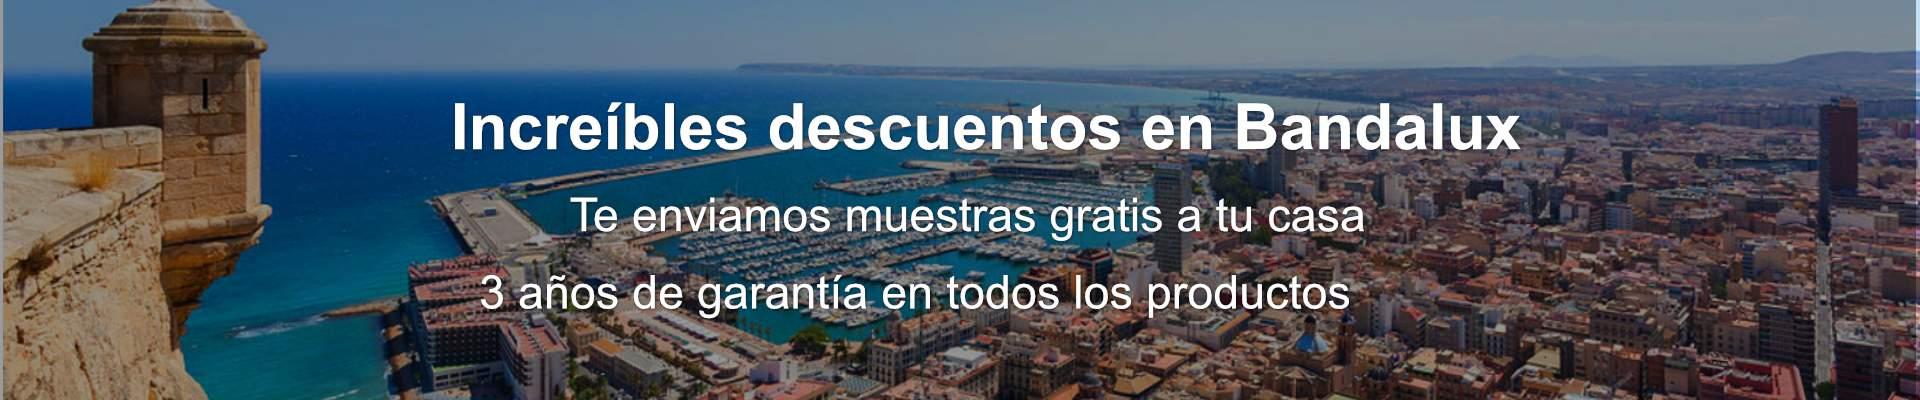 Grandes descuentos en Bandalux para Alicante